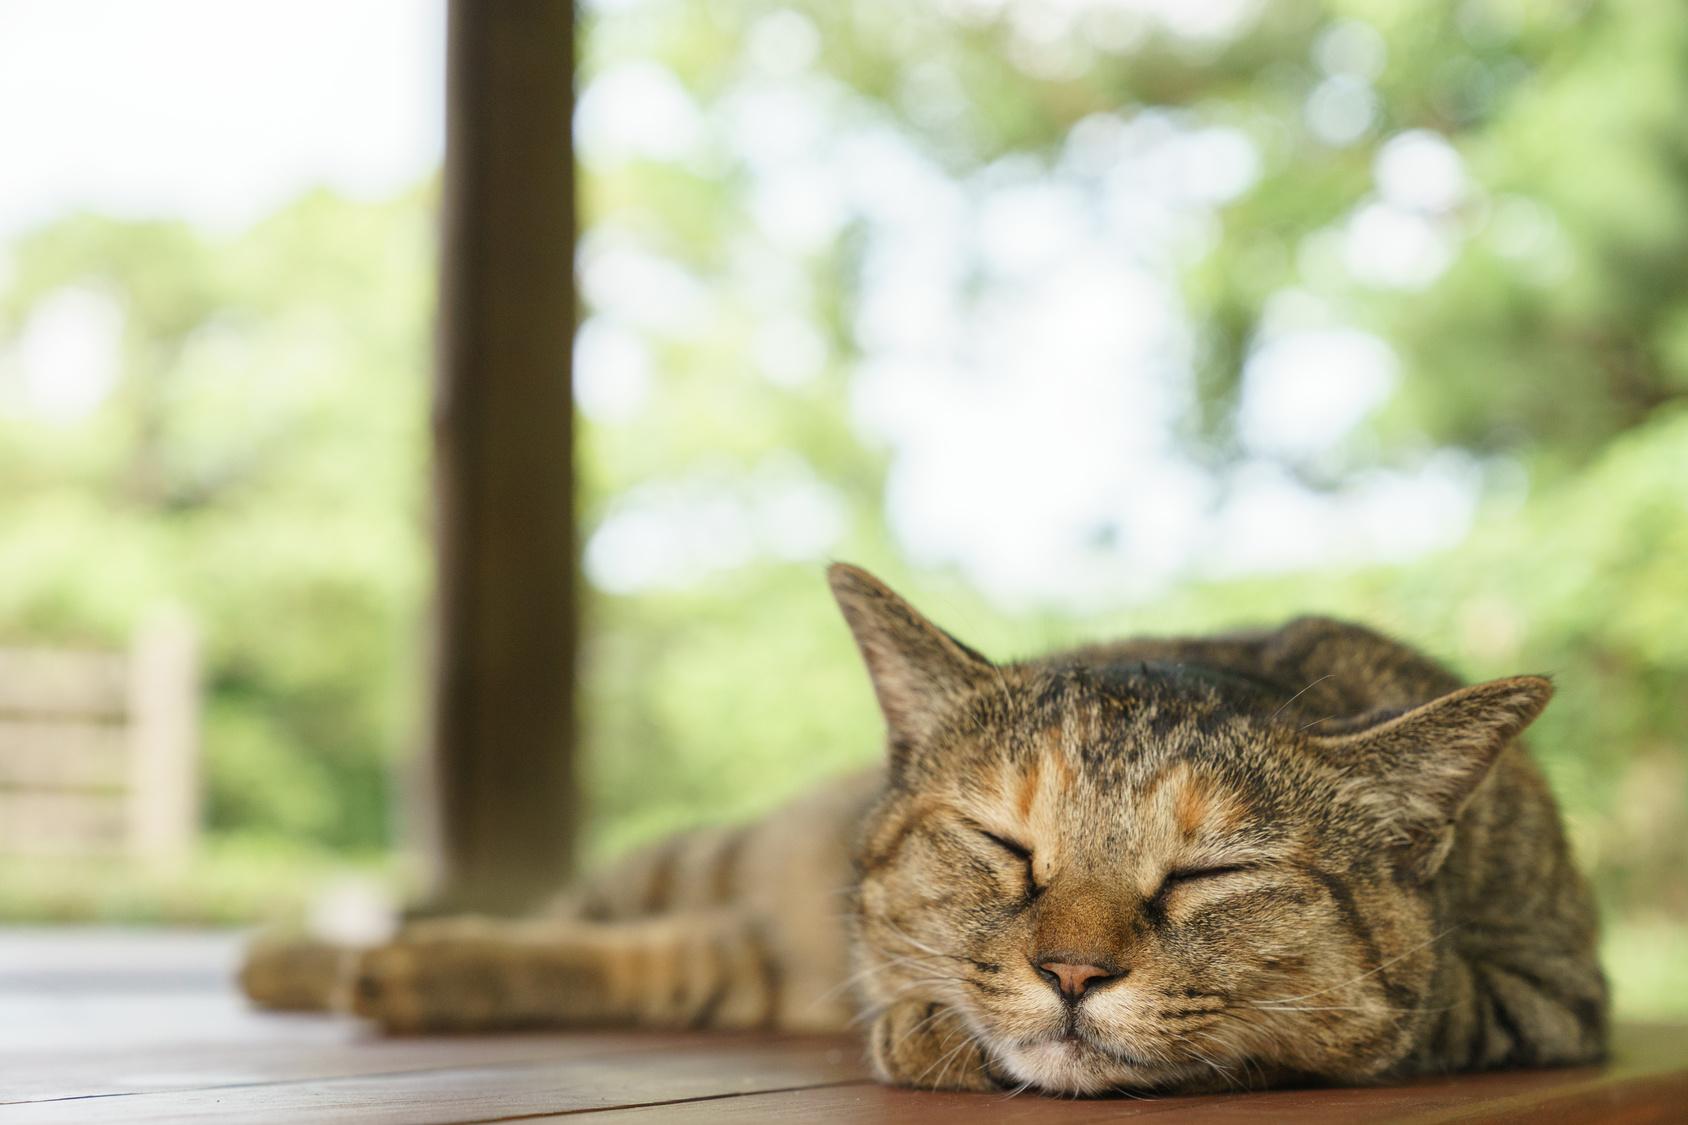 暑い夏が来る!真夏の猫ちゃんの留守番を快適に過ごしてもらうには?